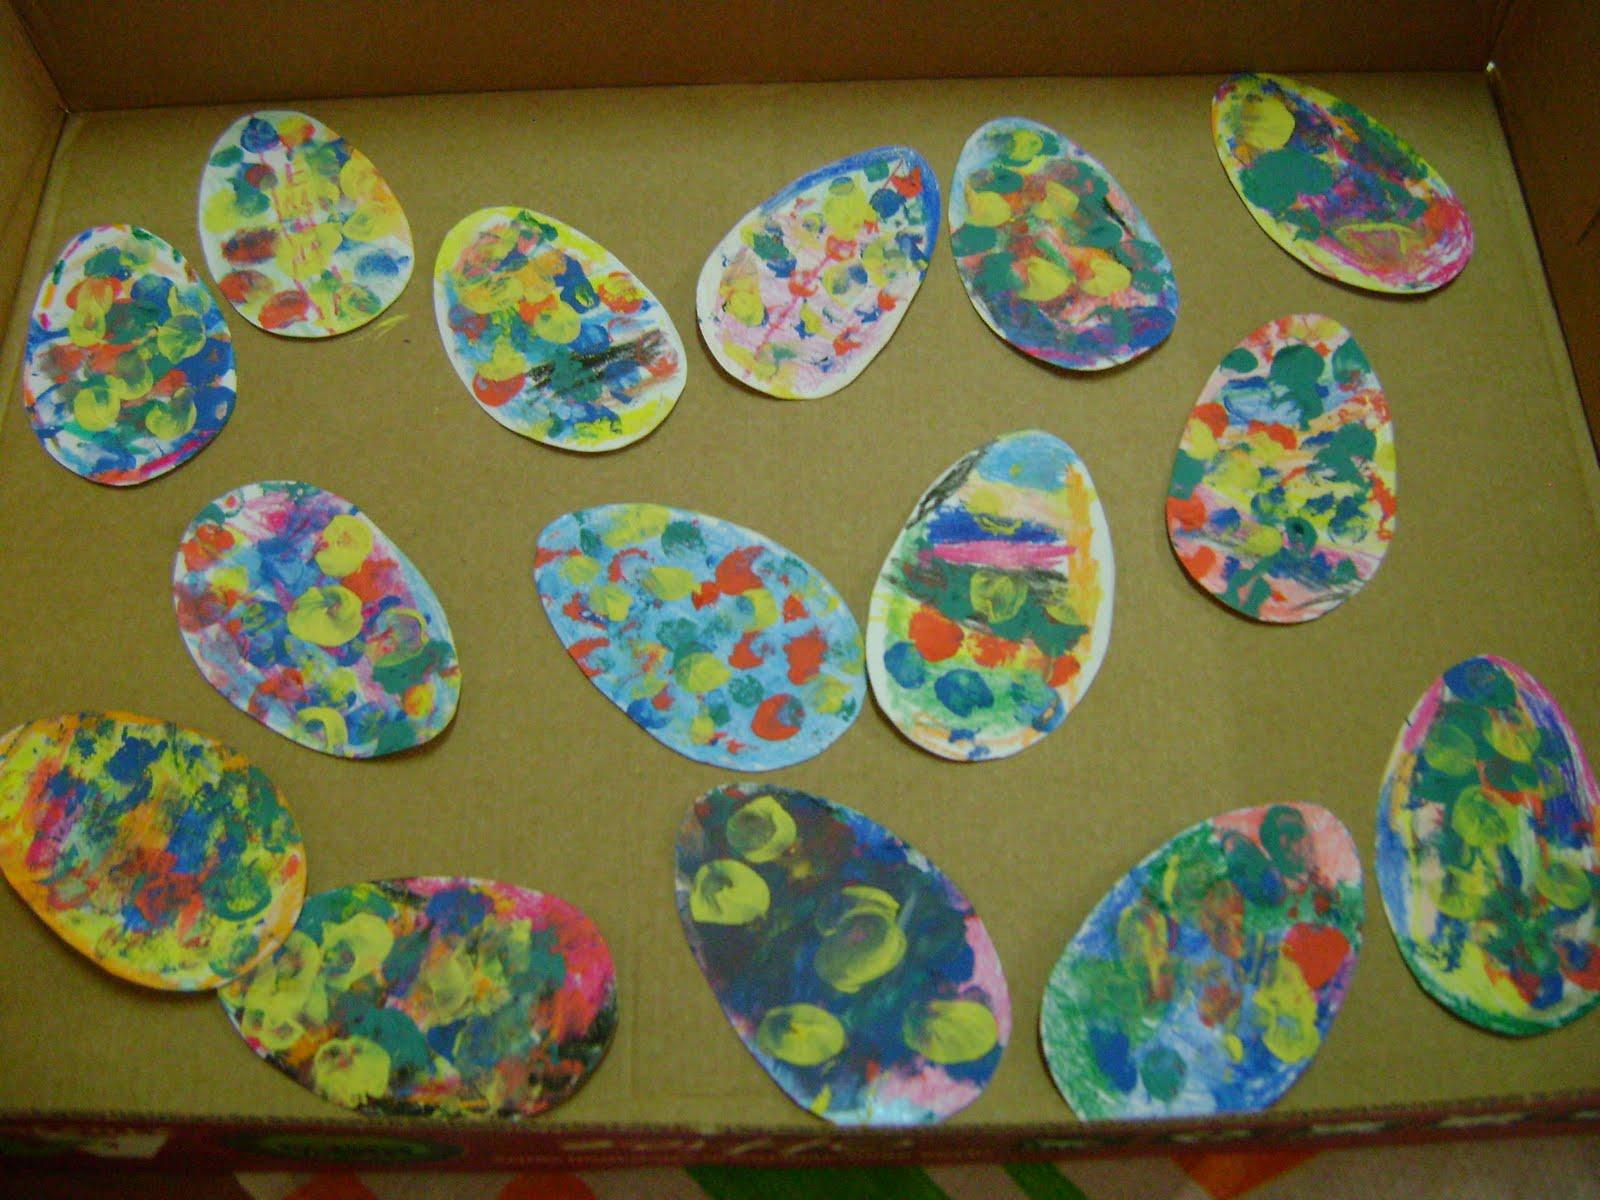 #3C2C10 Projeto Arte e Cultura no Segundo Tempo / Educação Infantil São  1600x1200 px Projeto Cozinha Na Educação Infantil_4295 Imagens